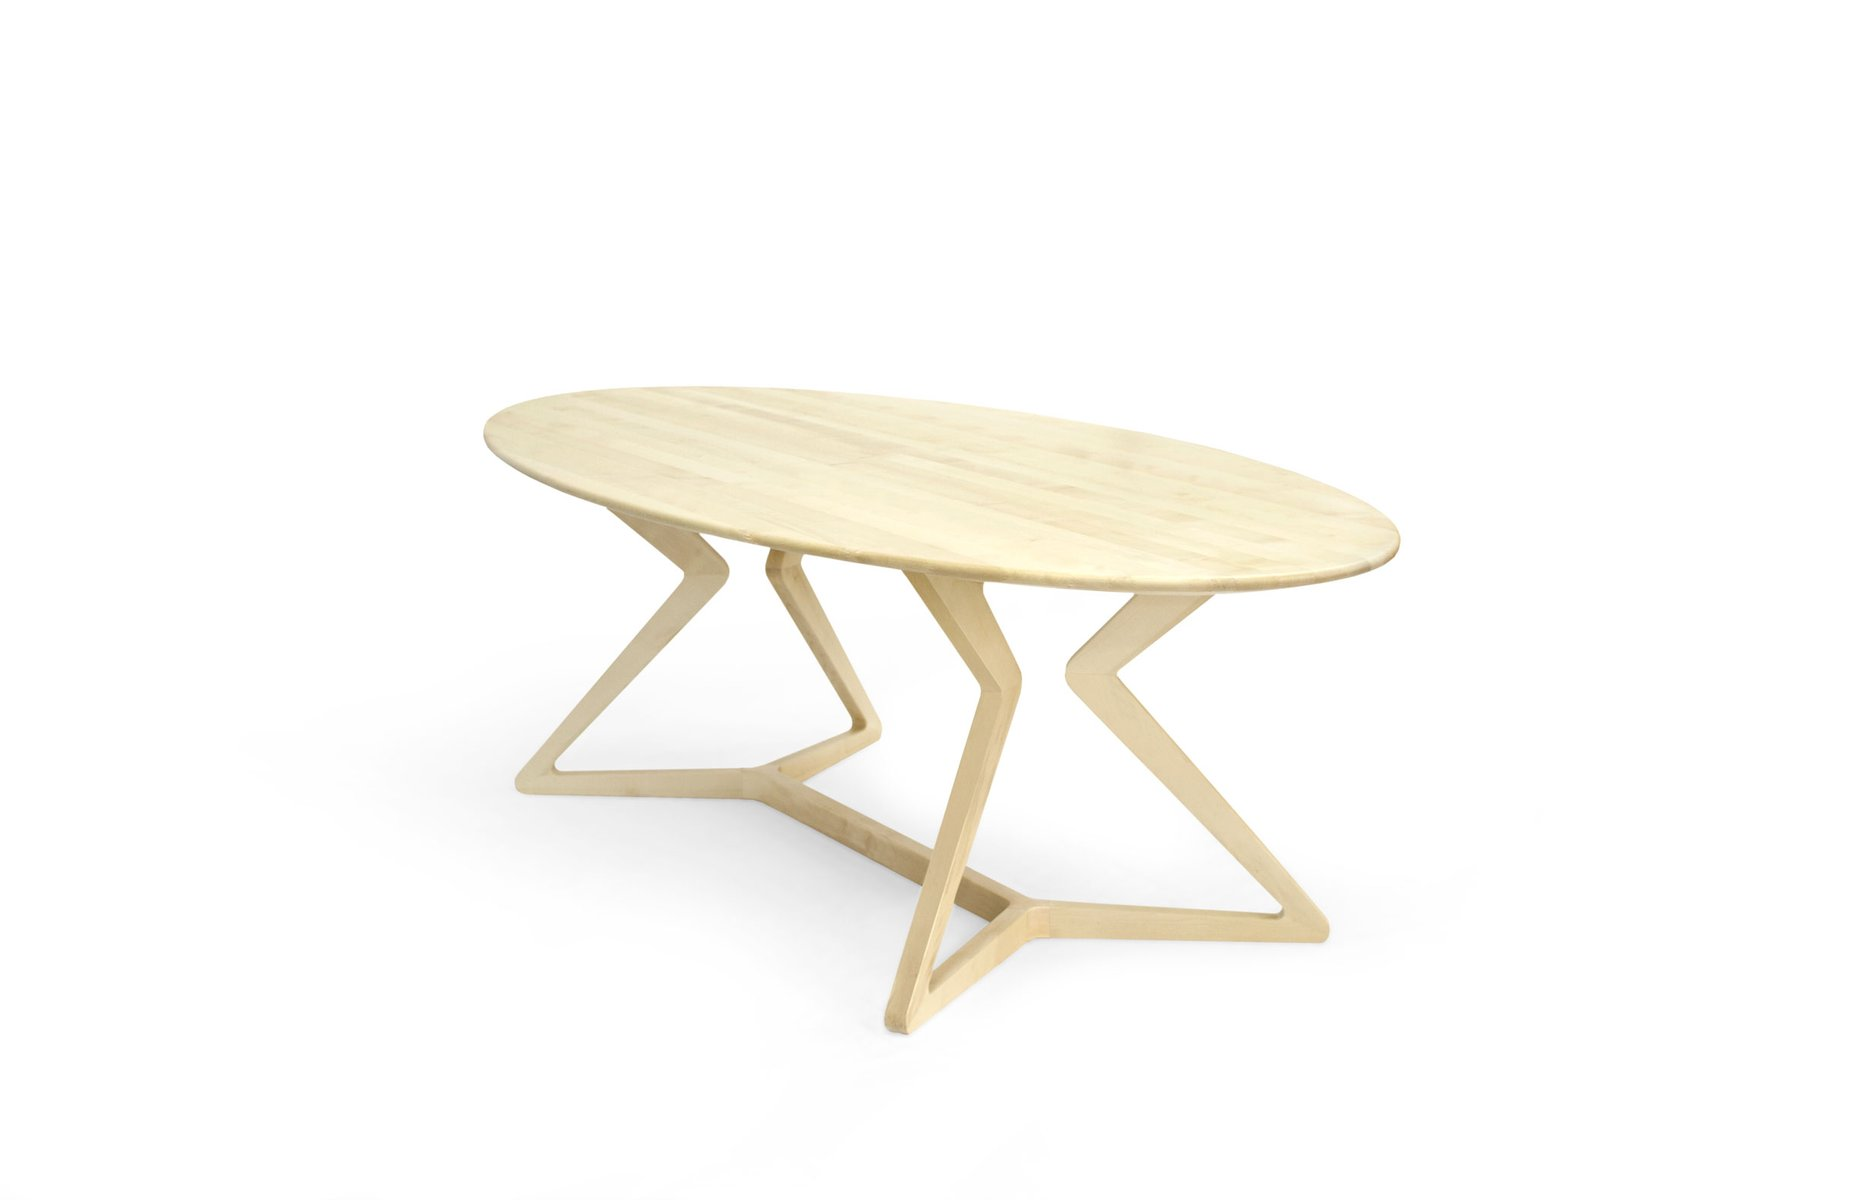 Lisoba 250 tisch von mo ow bei pamono kaufen for Tisch bild von ivy design